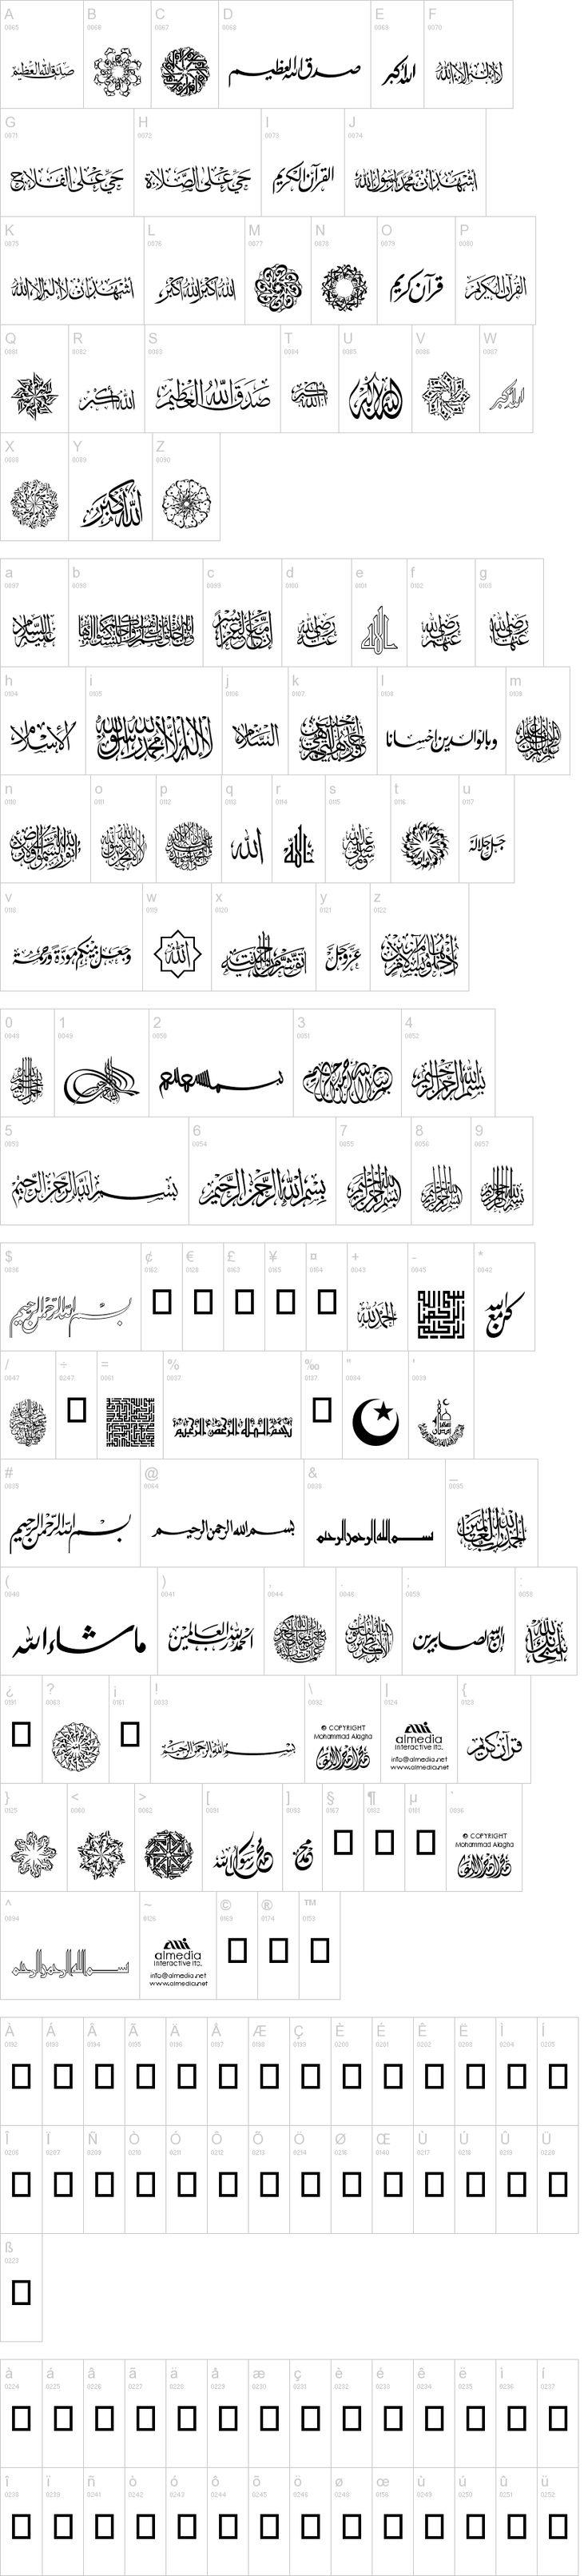 AGA Islamic Phrases